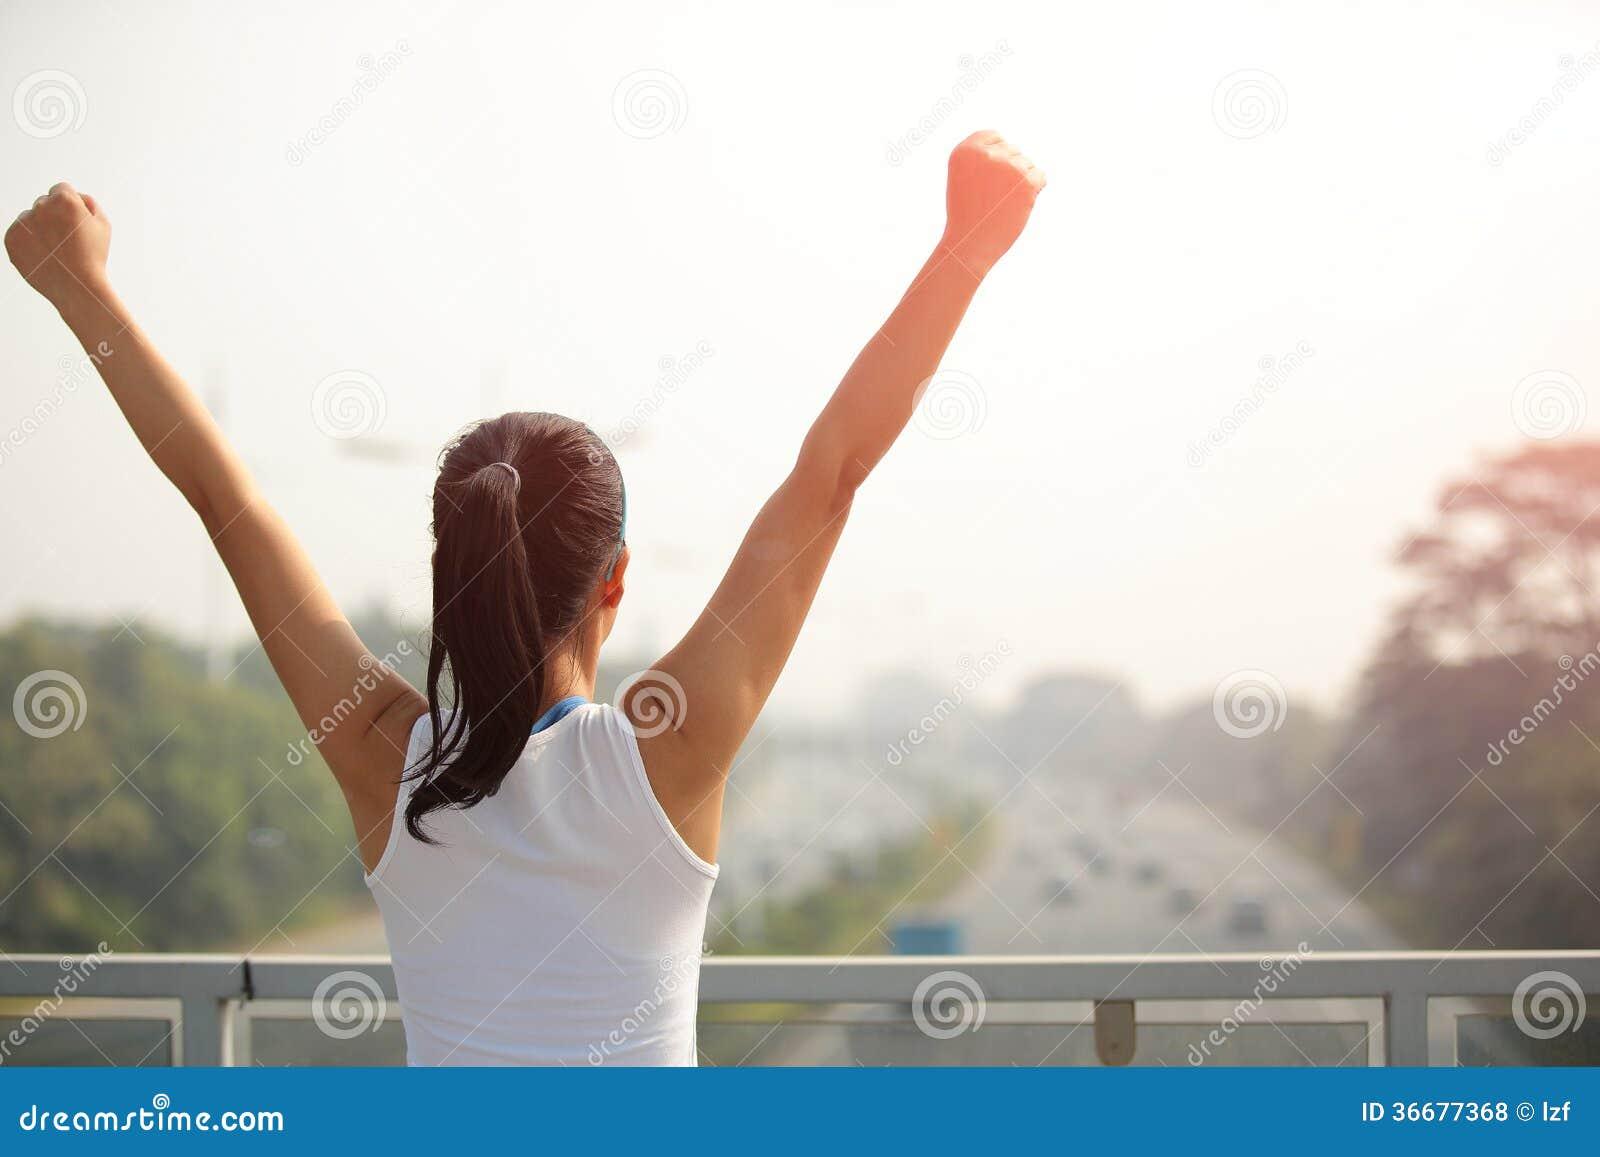 Kobiet otwarte ręki pośpiechu podjazdu nowożytny miasto